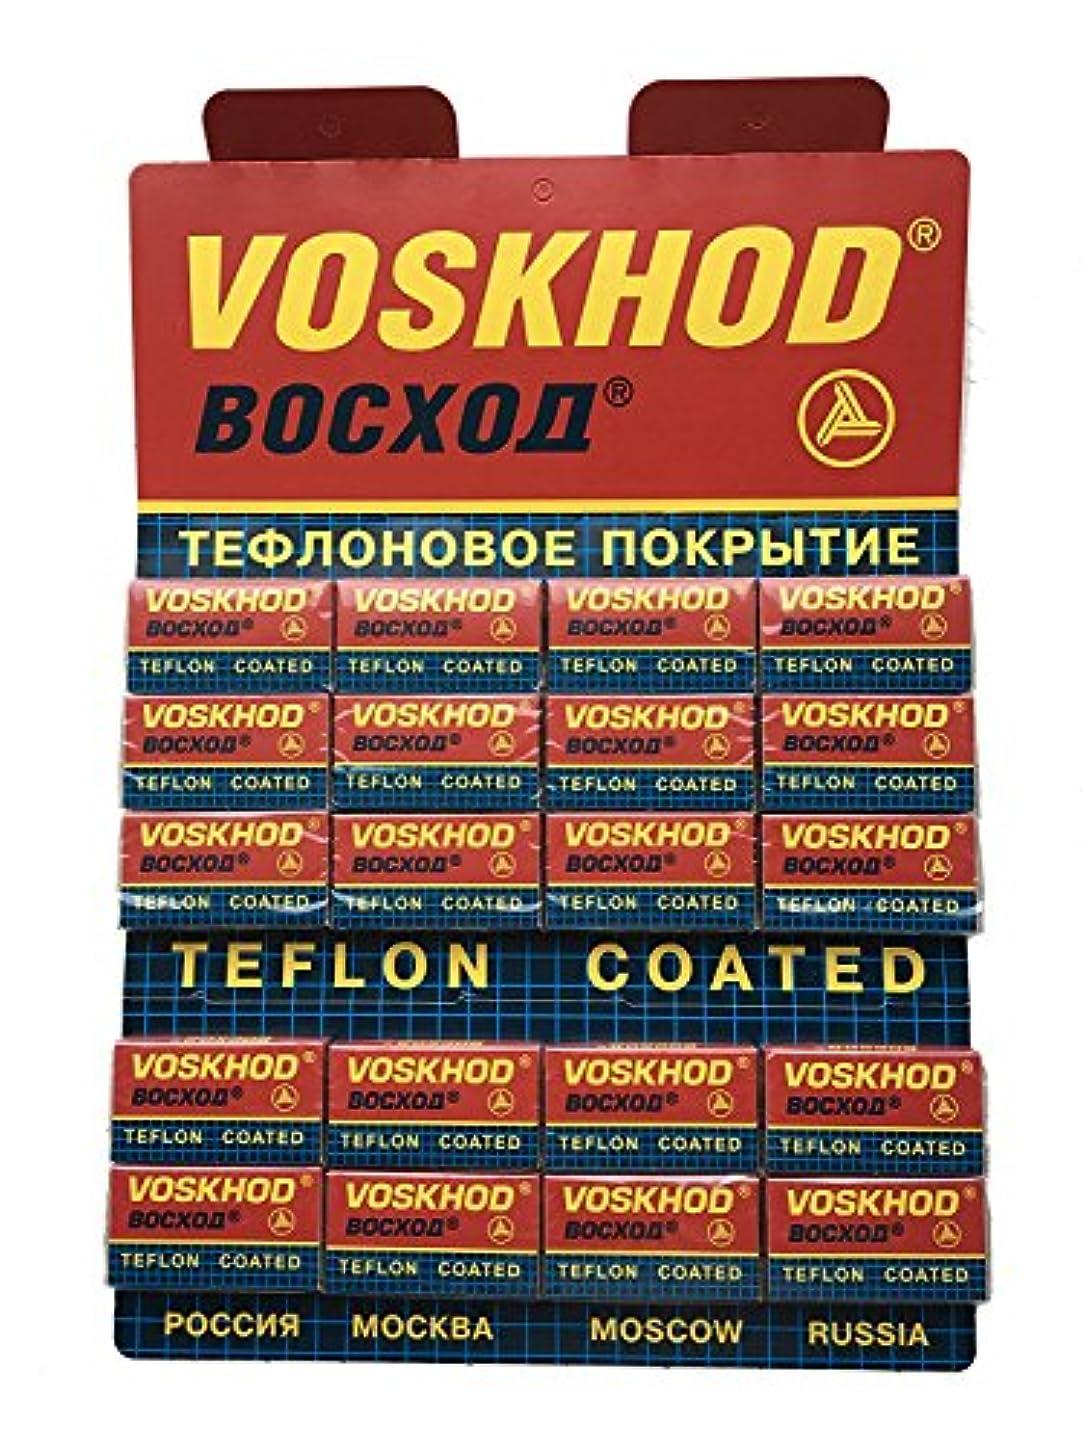 貴重な盲信昆虫Voskhod Teflon Coated 両刃替刃 100枚入り(5枚入り20 個セット)【並行輸入品】